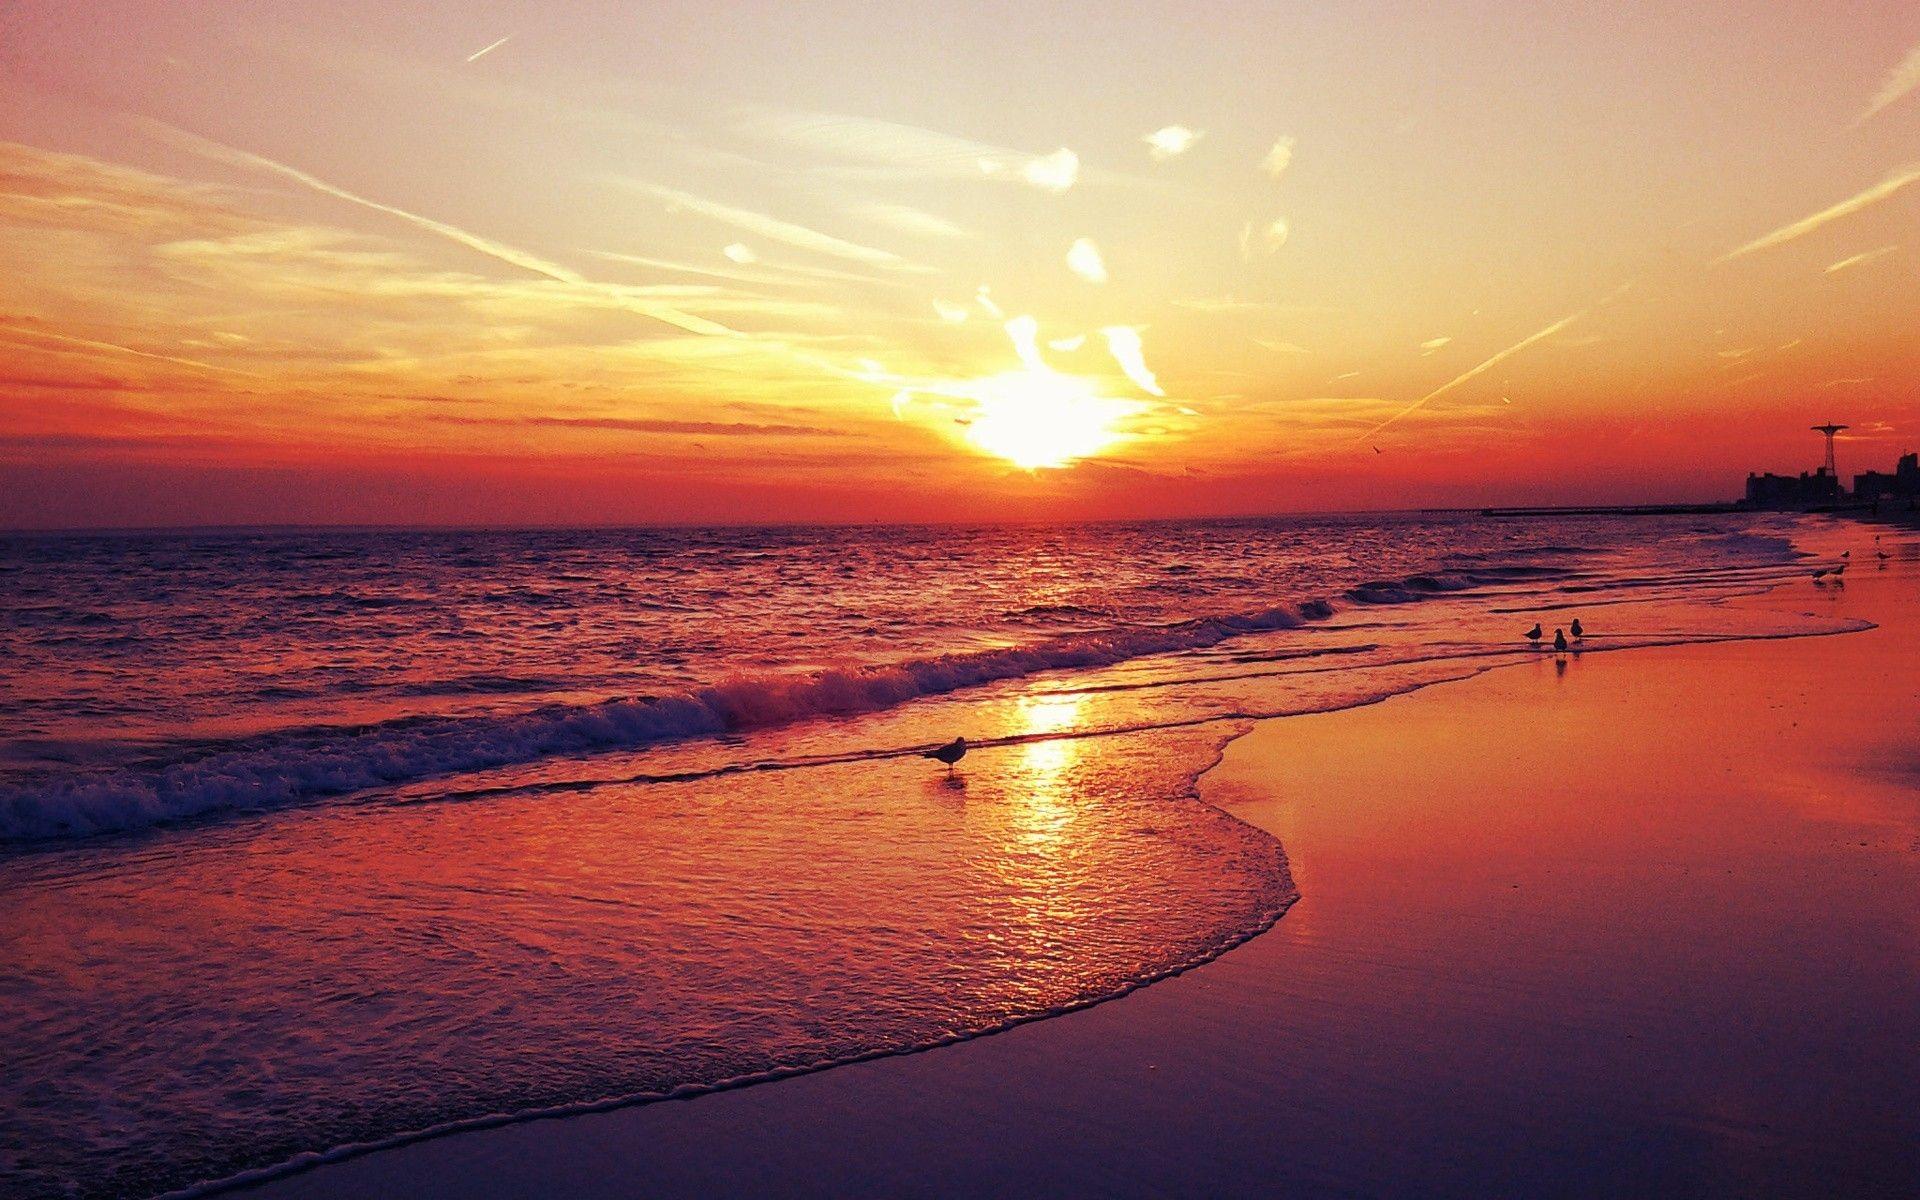 Res: 1920x1200, Beach Sunset wallpaper - 1130998